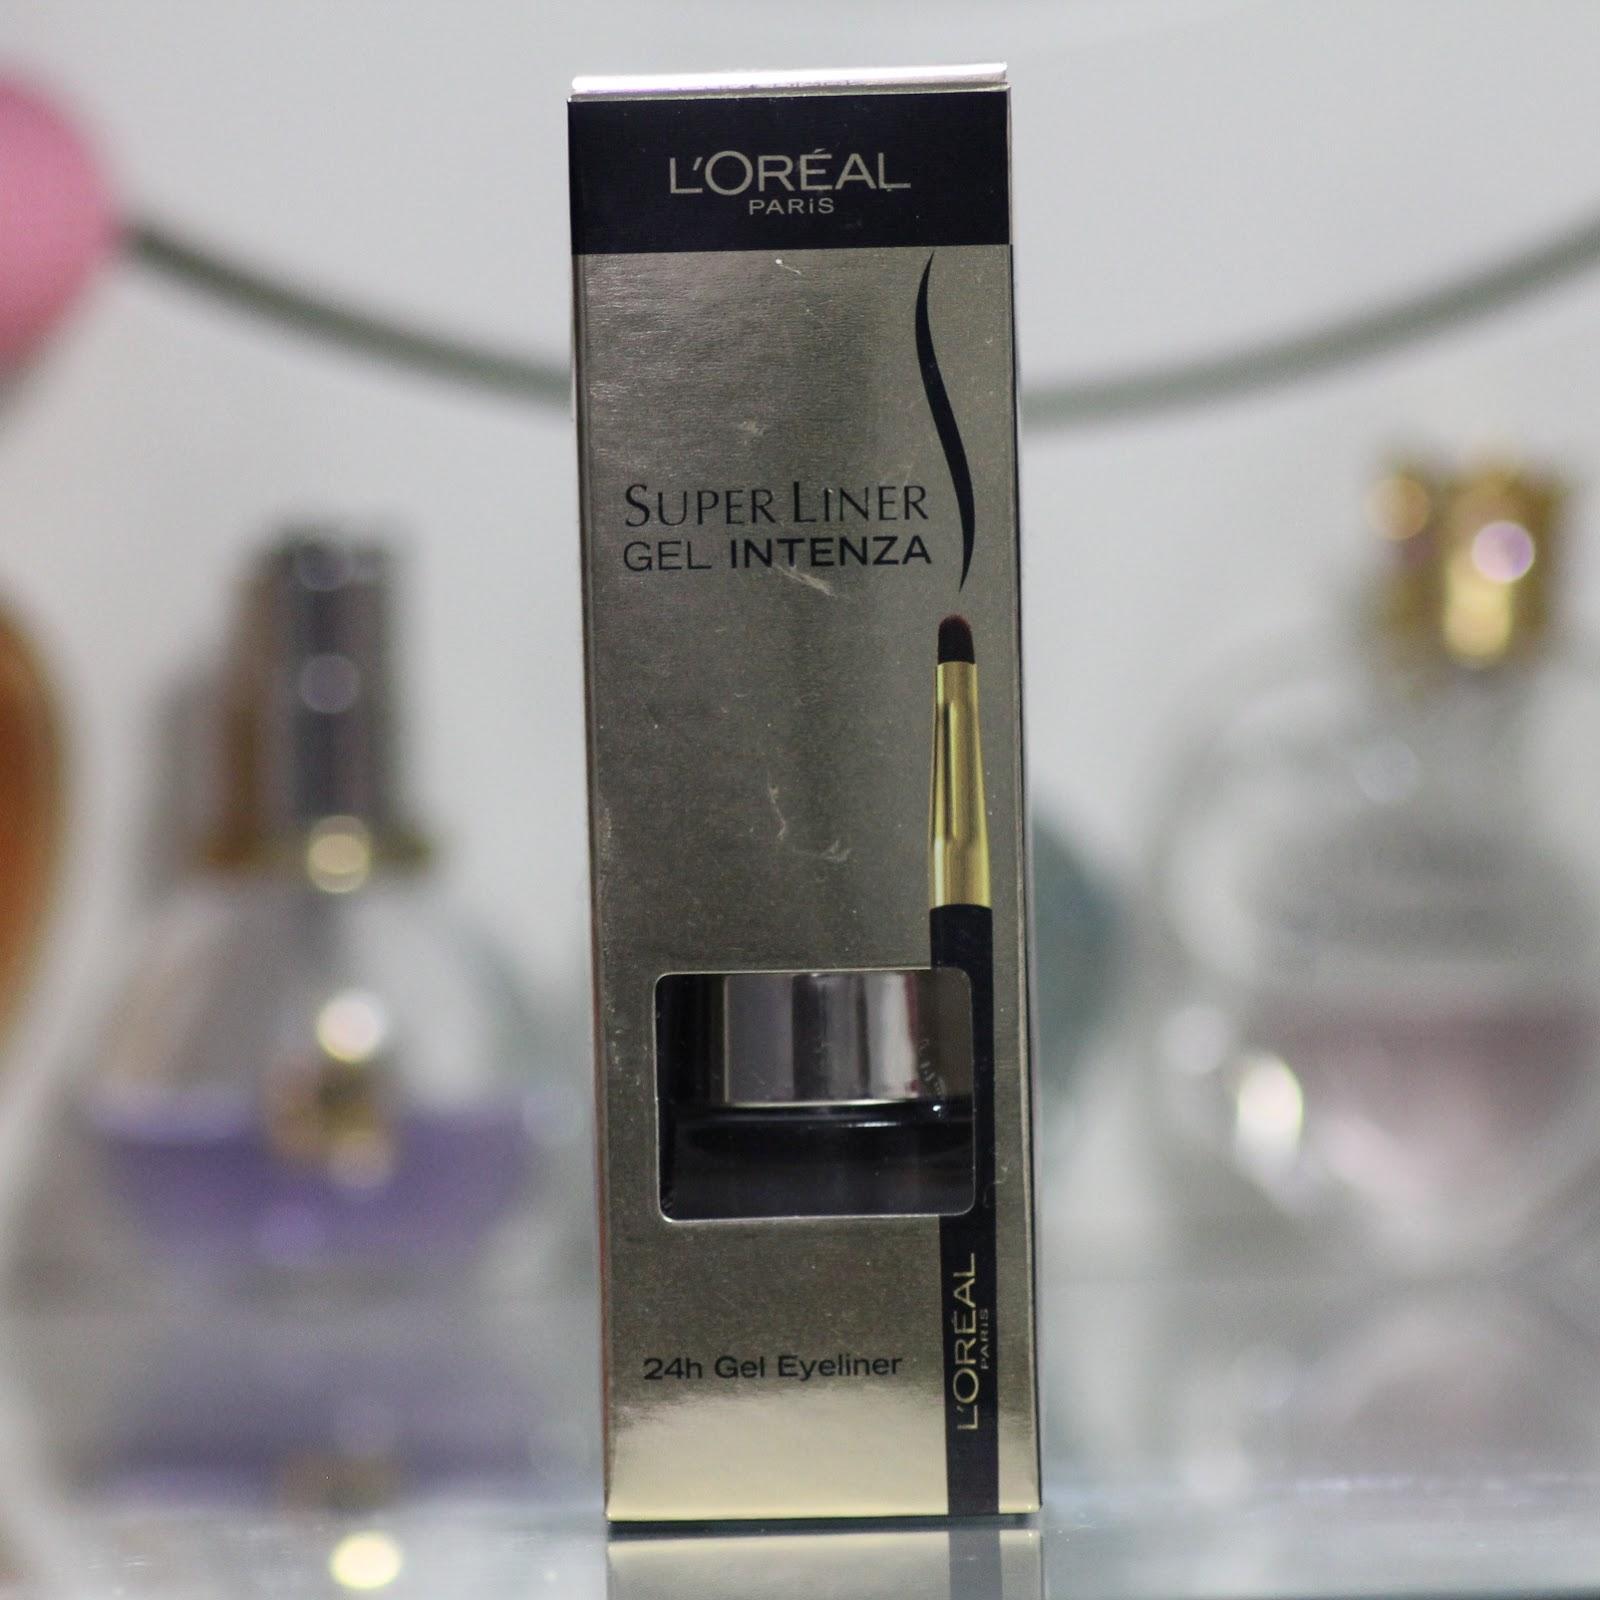 sombrenix l 39 oreal super liner gel intenza 24h jel eyeliner 01 pure black. Black Bedroom Furniture Sets. Home Design Ideas